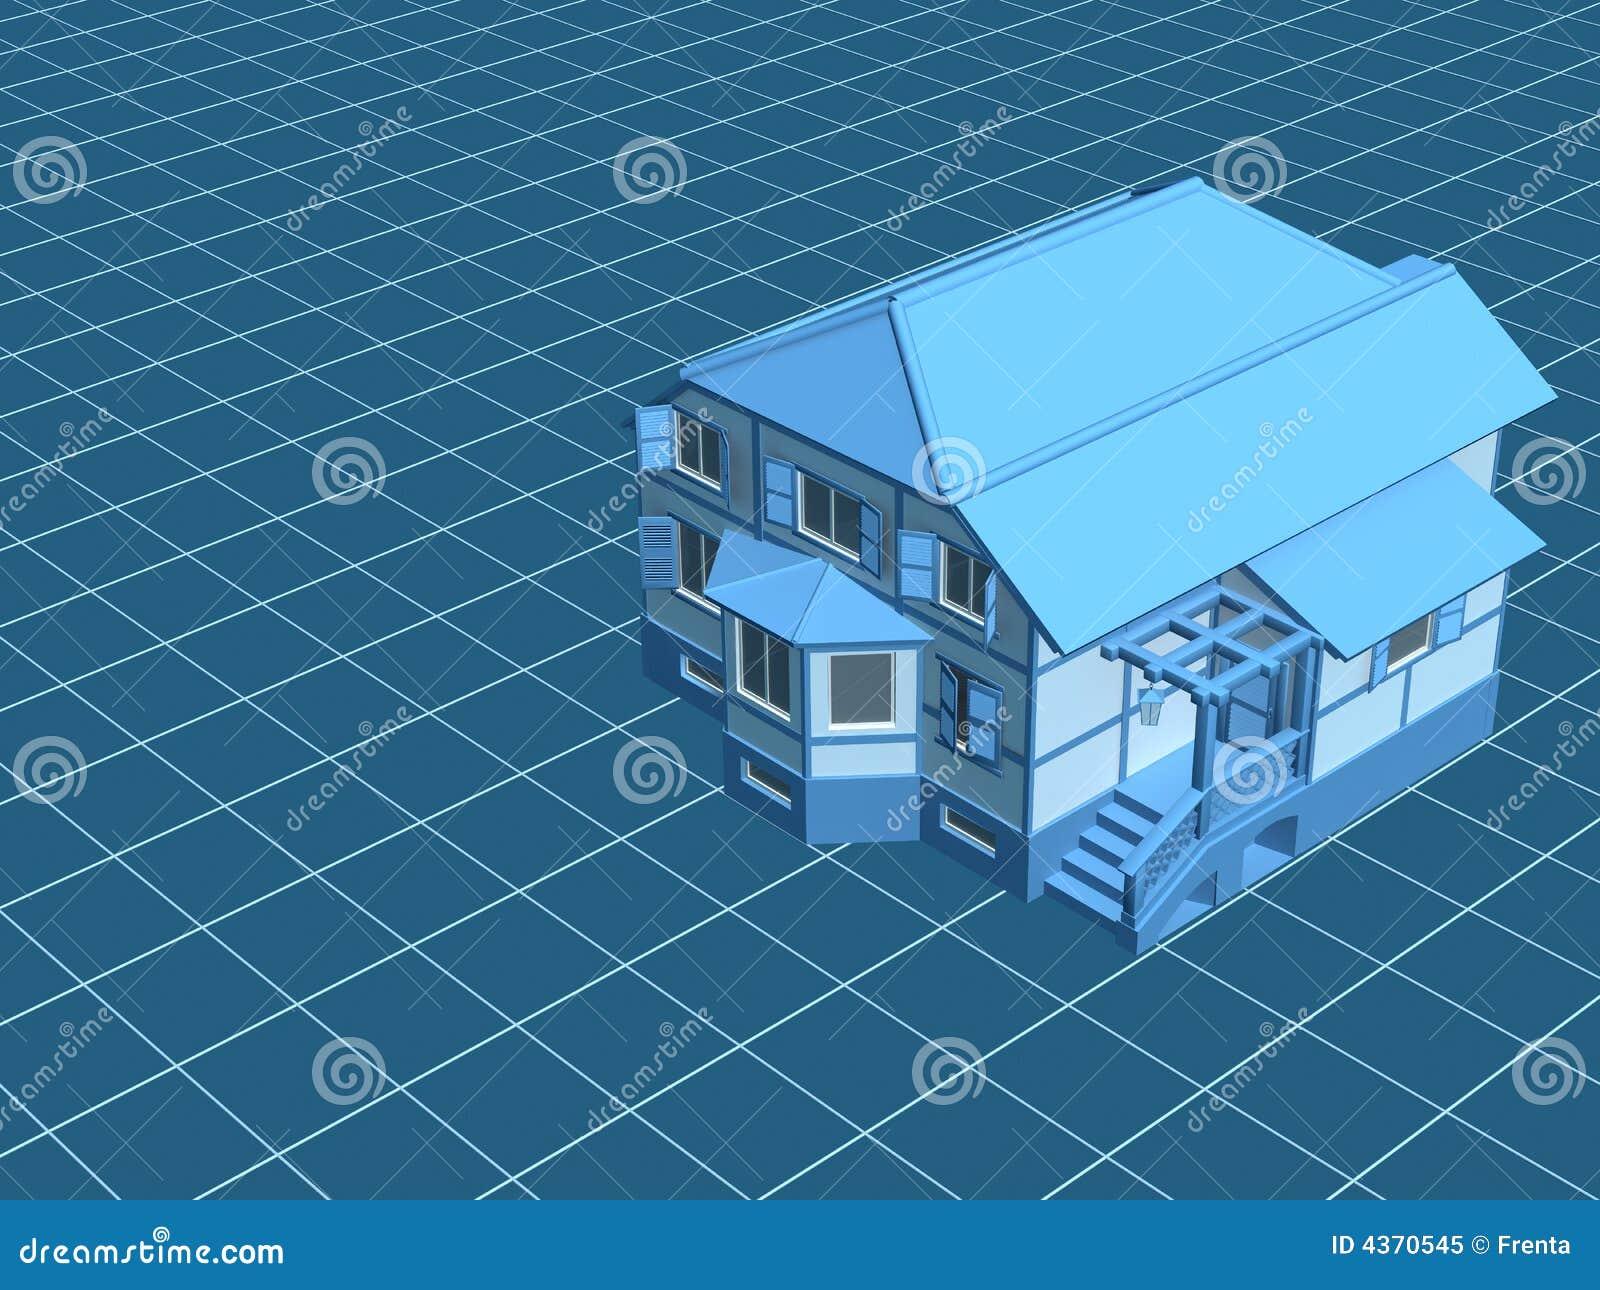 Baumuster 3d das Haus, Wert auf einer digitalen Oberfläche